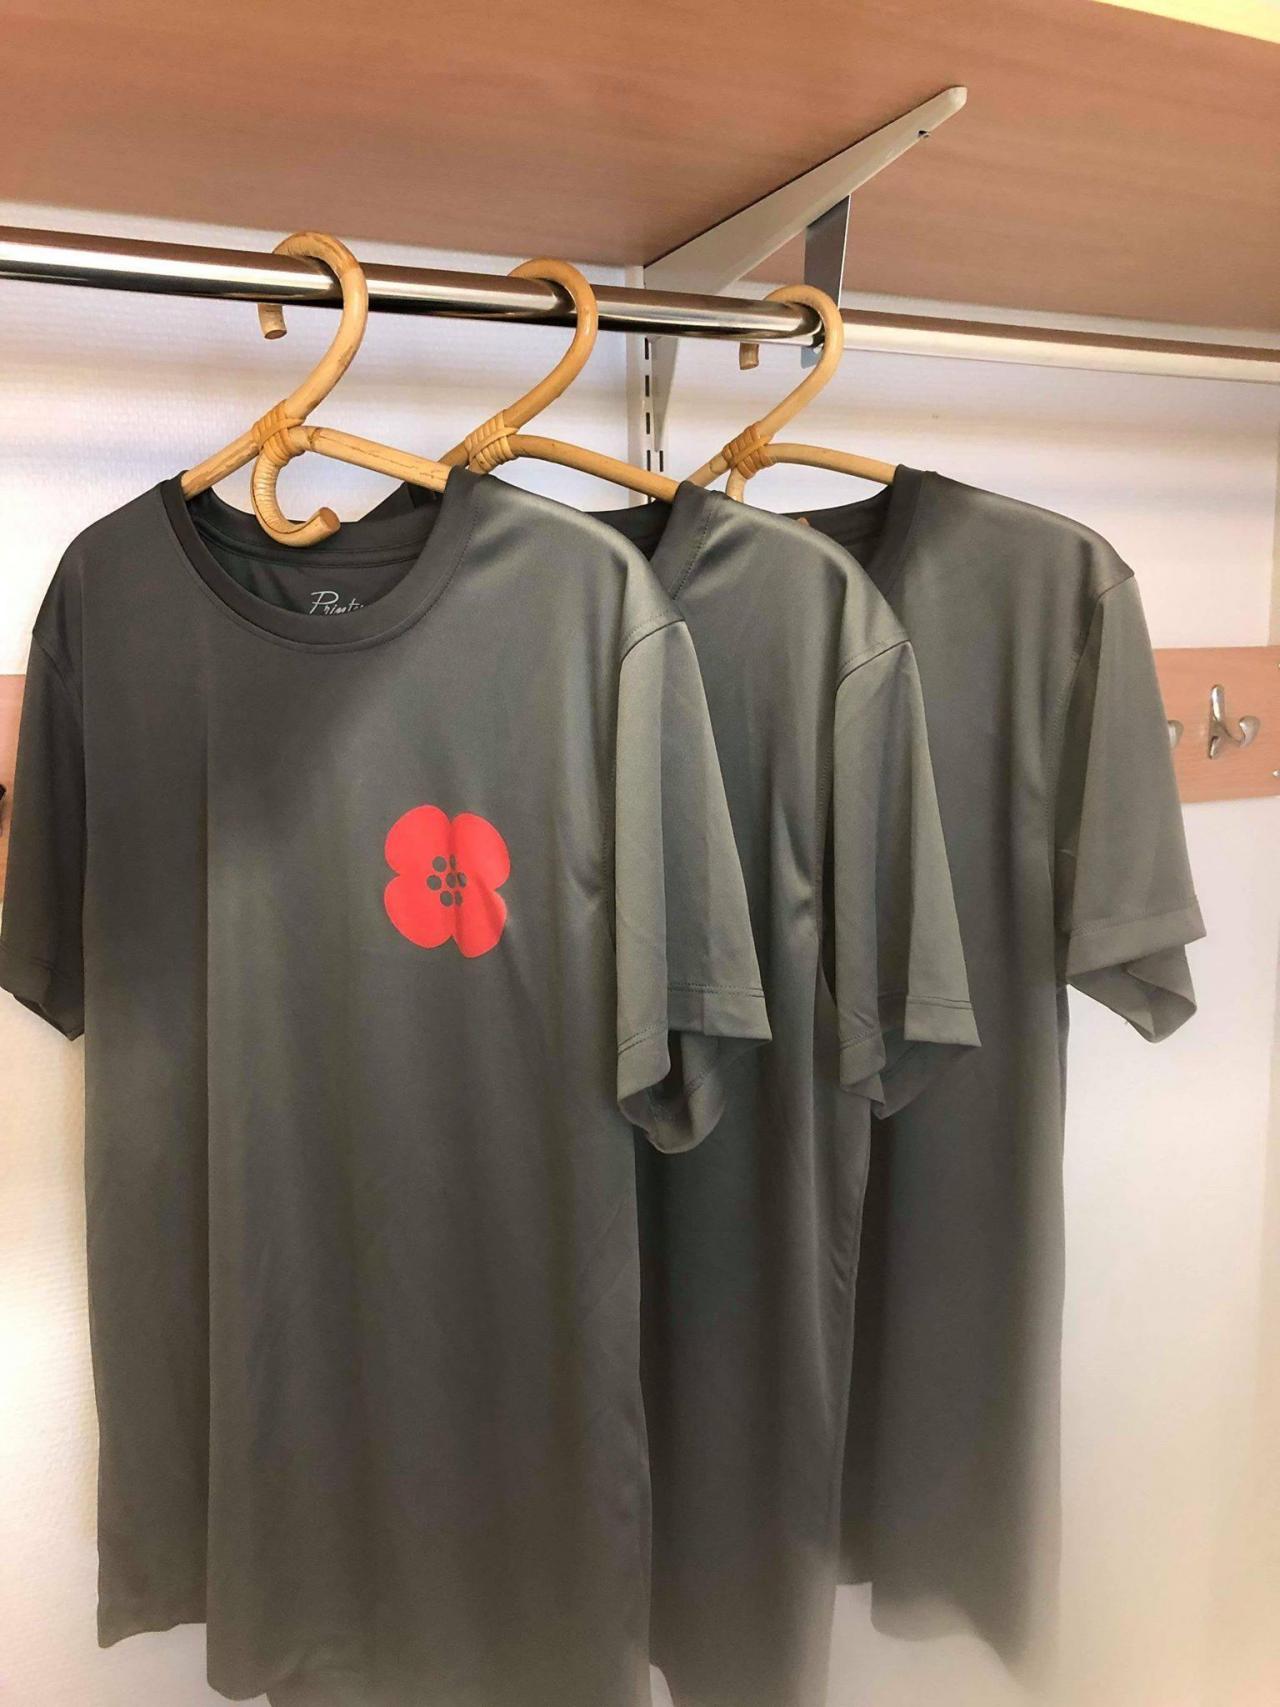 3 harmaata t-paitaa henkareissa naulakossa, paidan rinnassa punainen annansilmä-kukka.